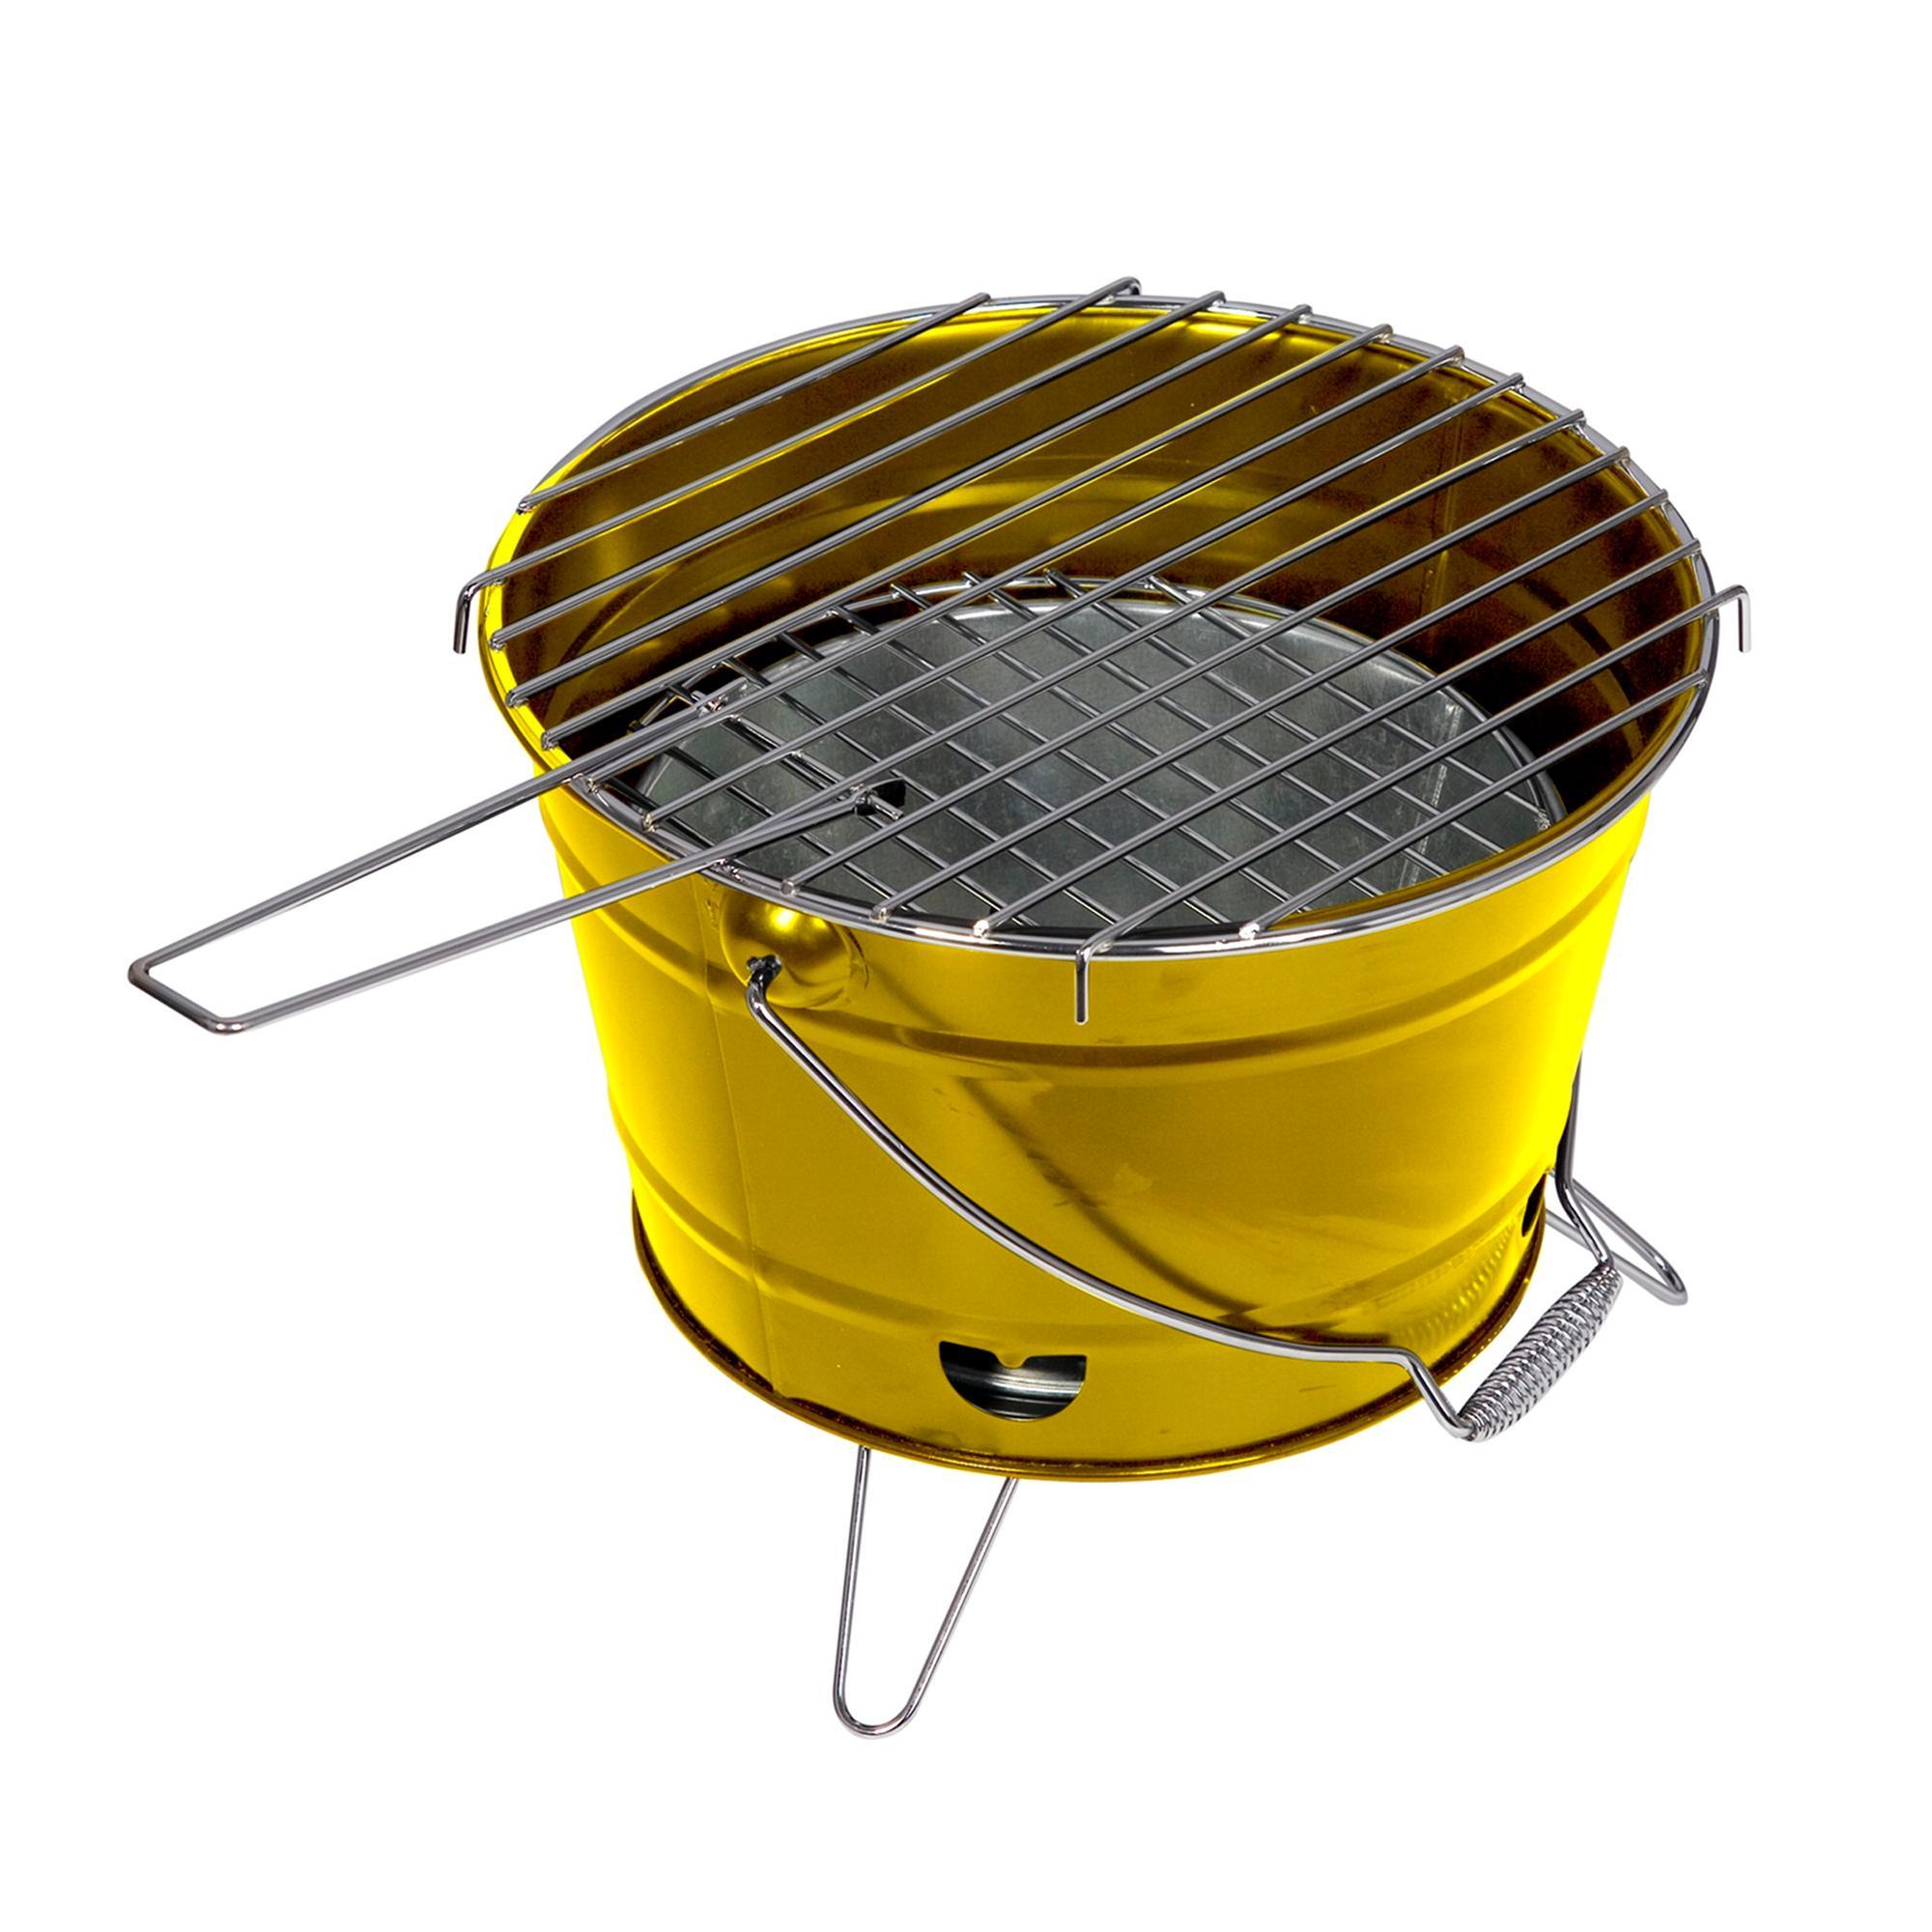 ferraboli barbecue a carbone smile Ø27x22h cm pratico e maneggevole realizzato in lamiera verniciata colore, giallo